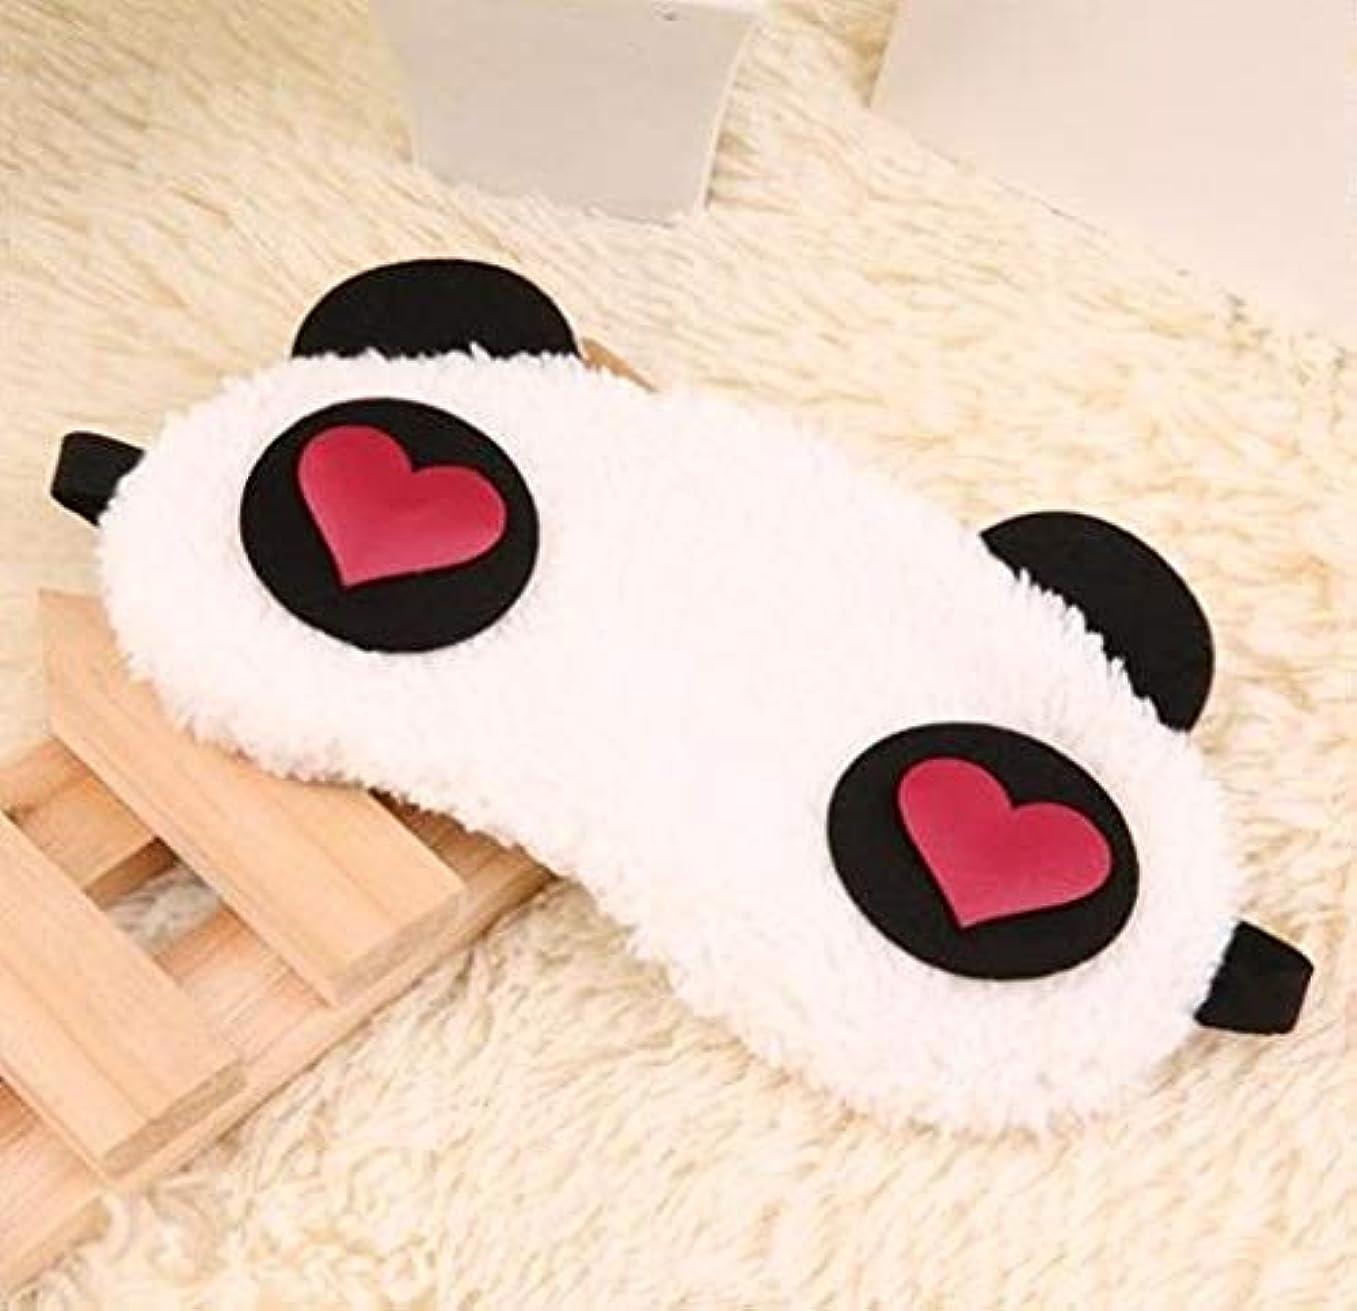 無意識生む猫背NOTE かわいいパンダ睡眠フェイスアイマスク目隠しアイシェード旅行睡眠アイエイドドロップシッピング